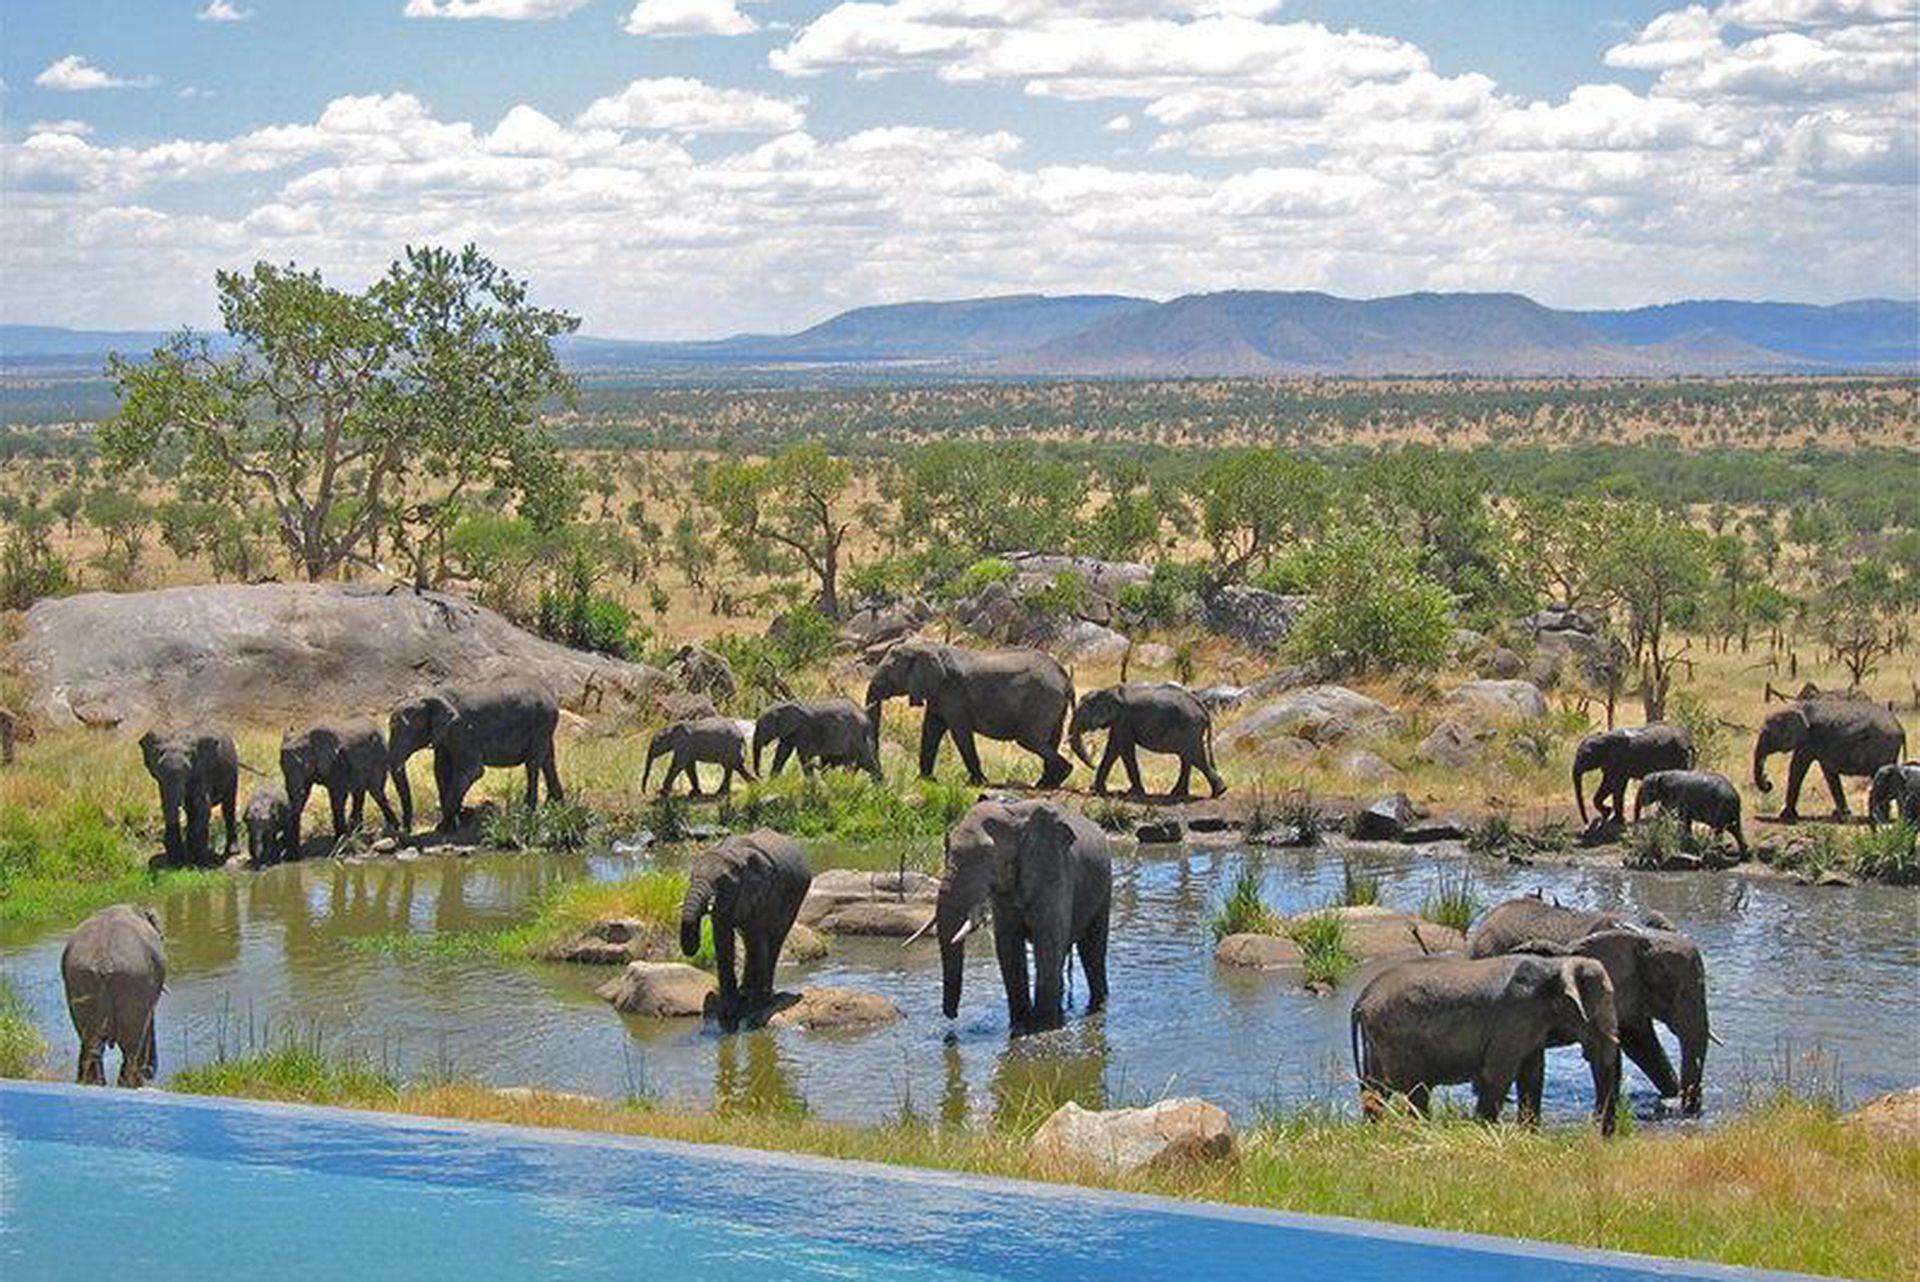 Photo Courtesy Of Four Seasons Safari Lodge Serengeti Safari Lodge Serengeti African Safari